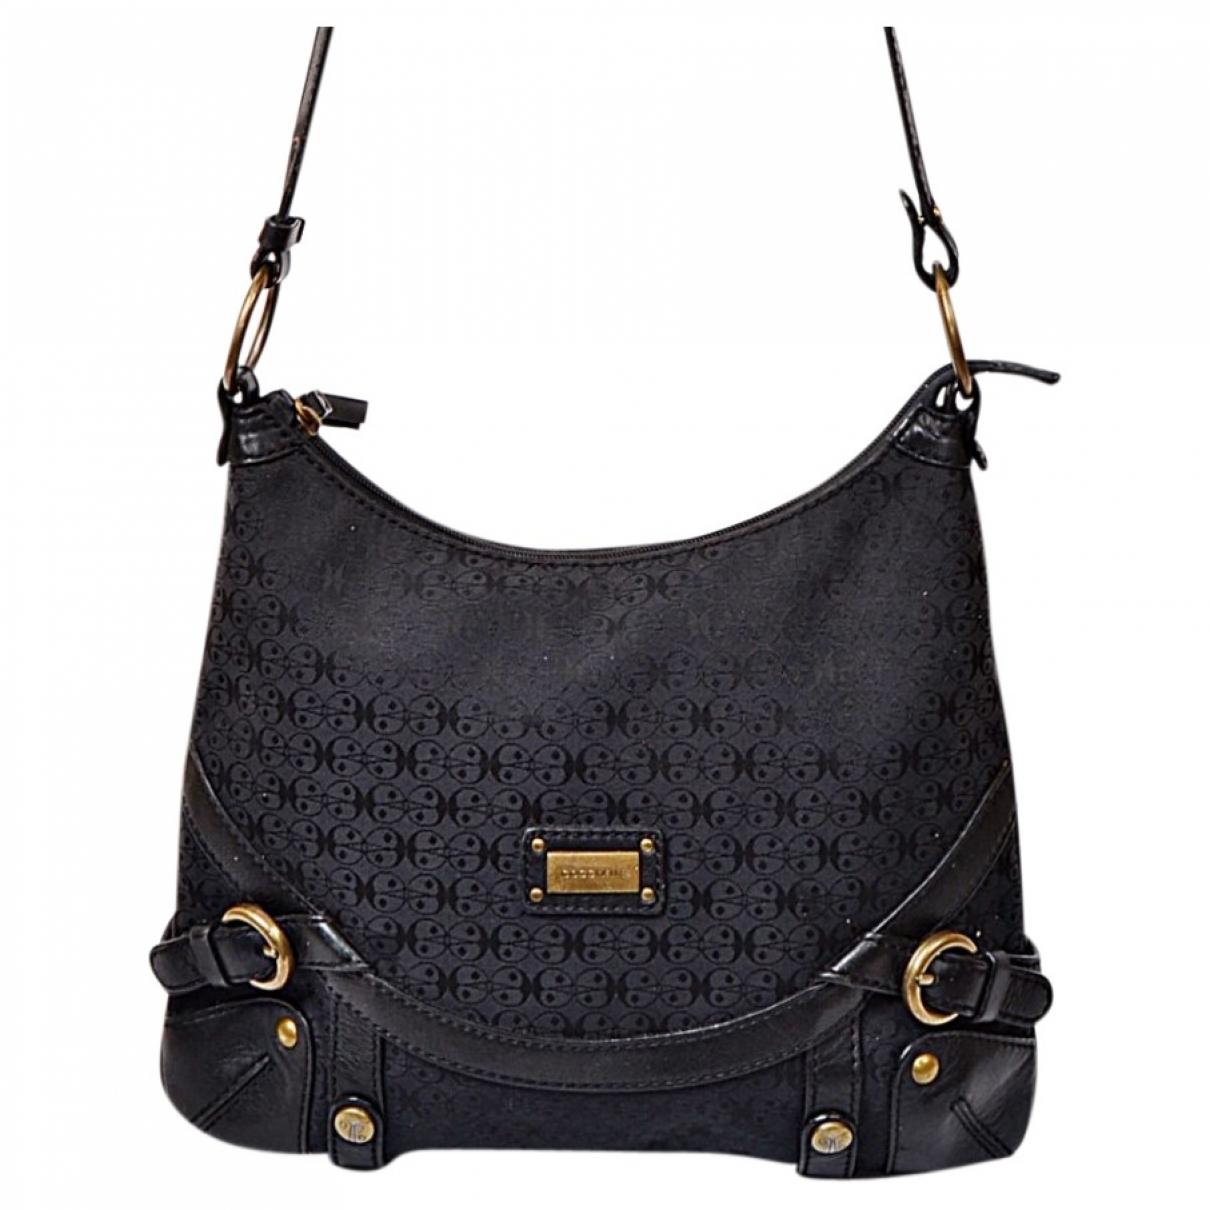 Coccinelle \N Handtasche in  Schwarz Denim - Jeans